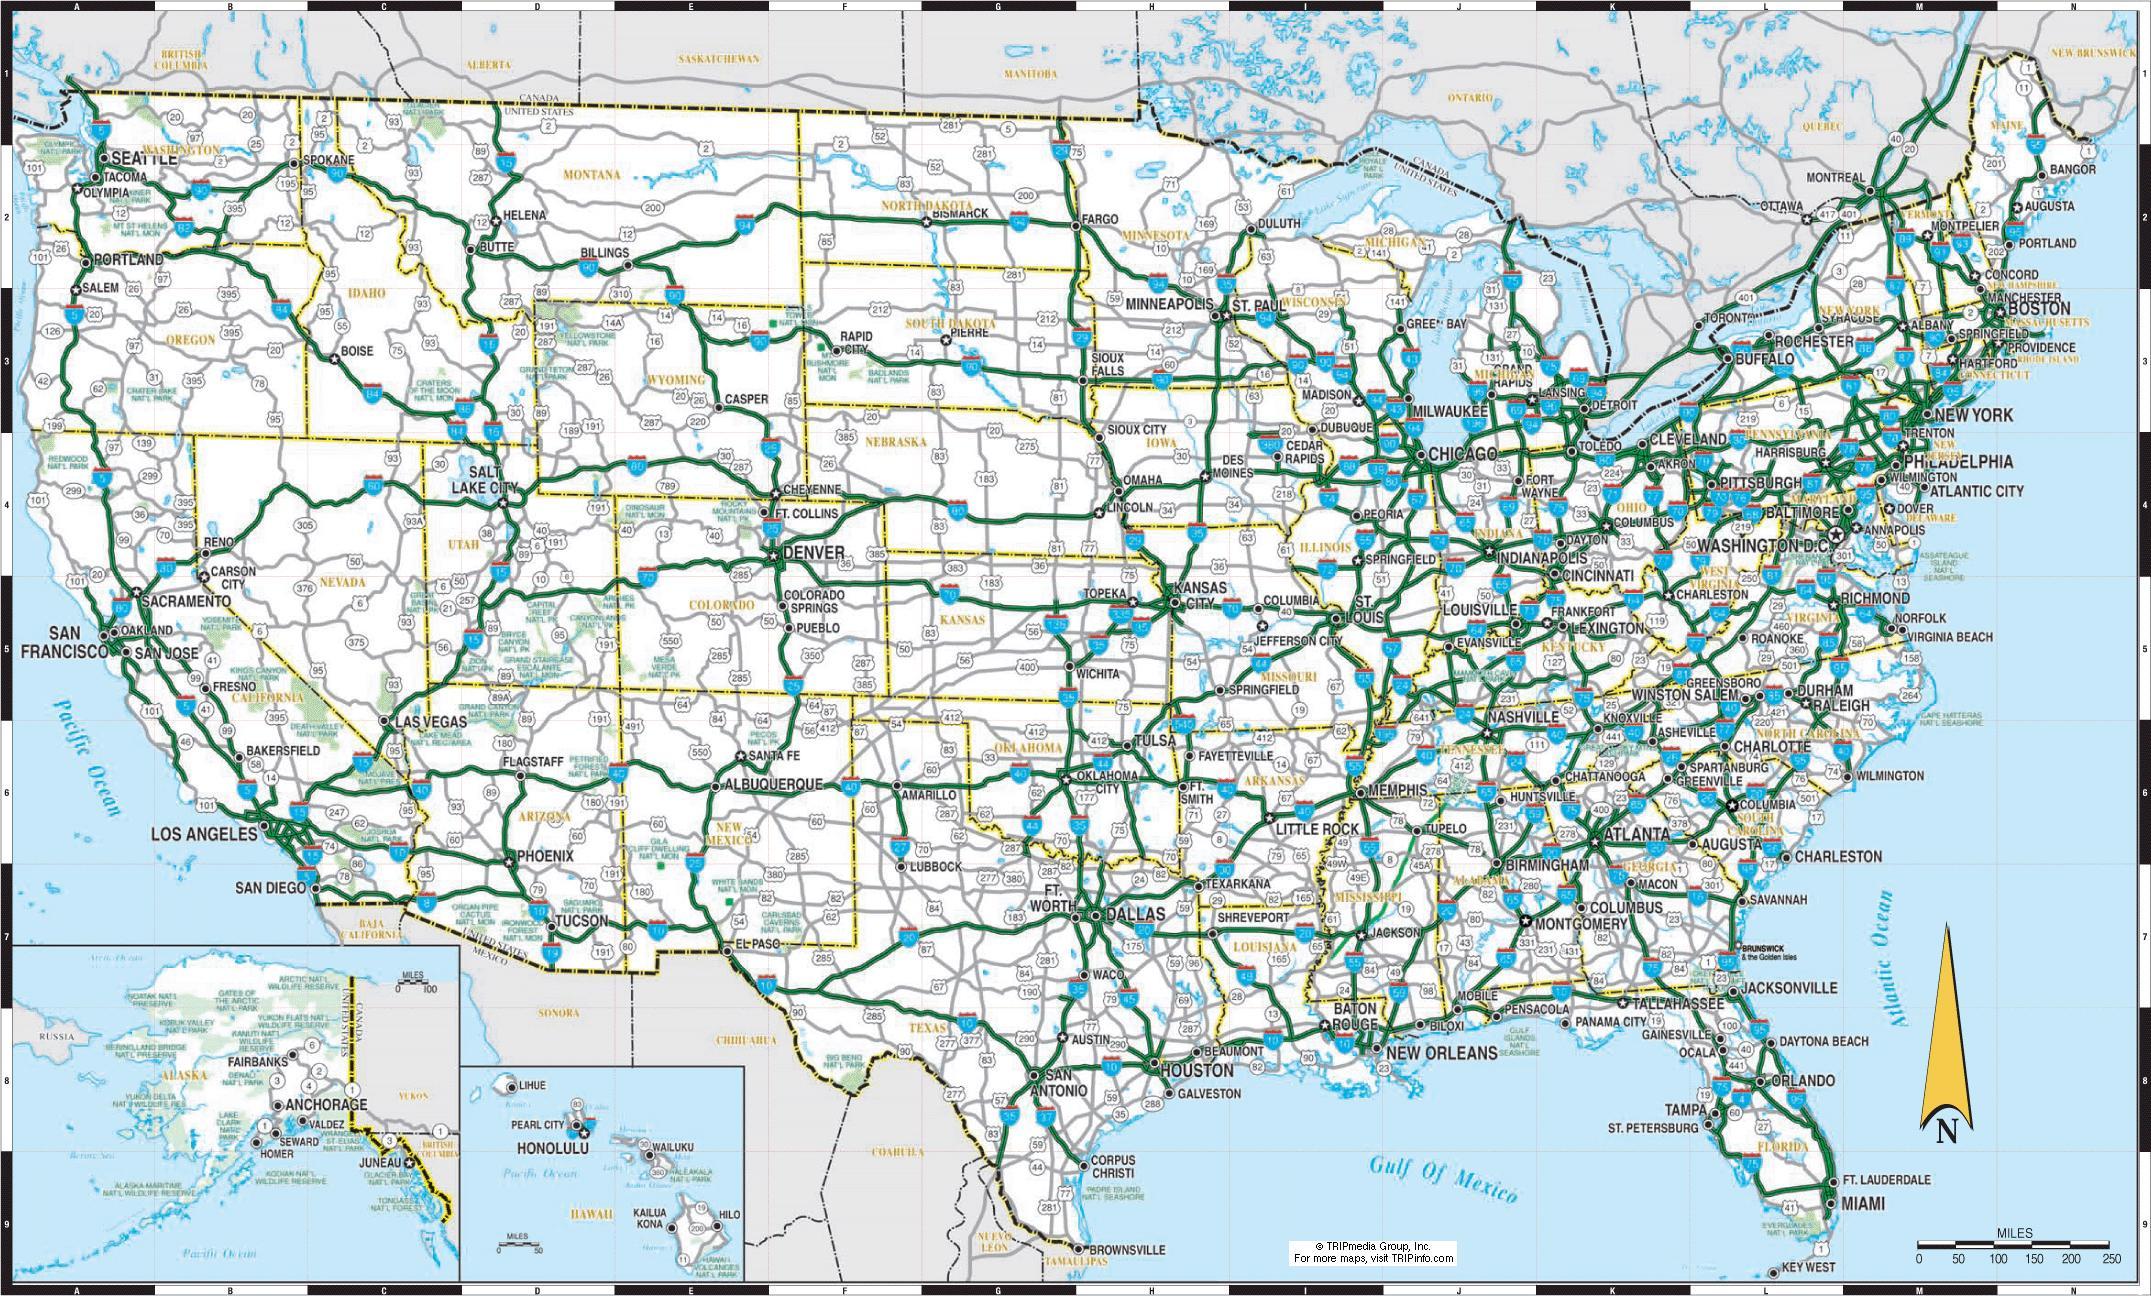 amerika keleti part térkép Térkép a keleti parton az Egyesült Államok   térkép keleti parton  amerika keleti part térkép